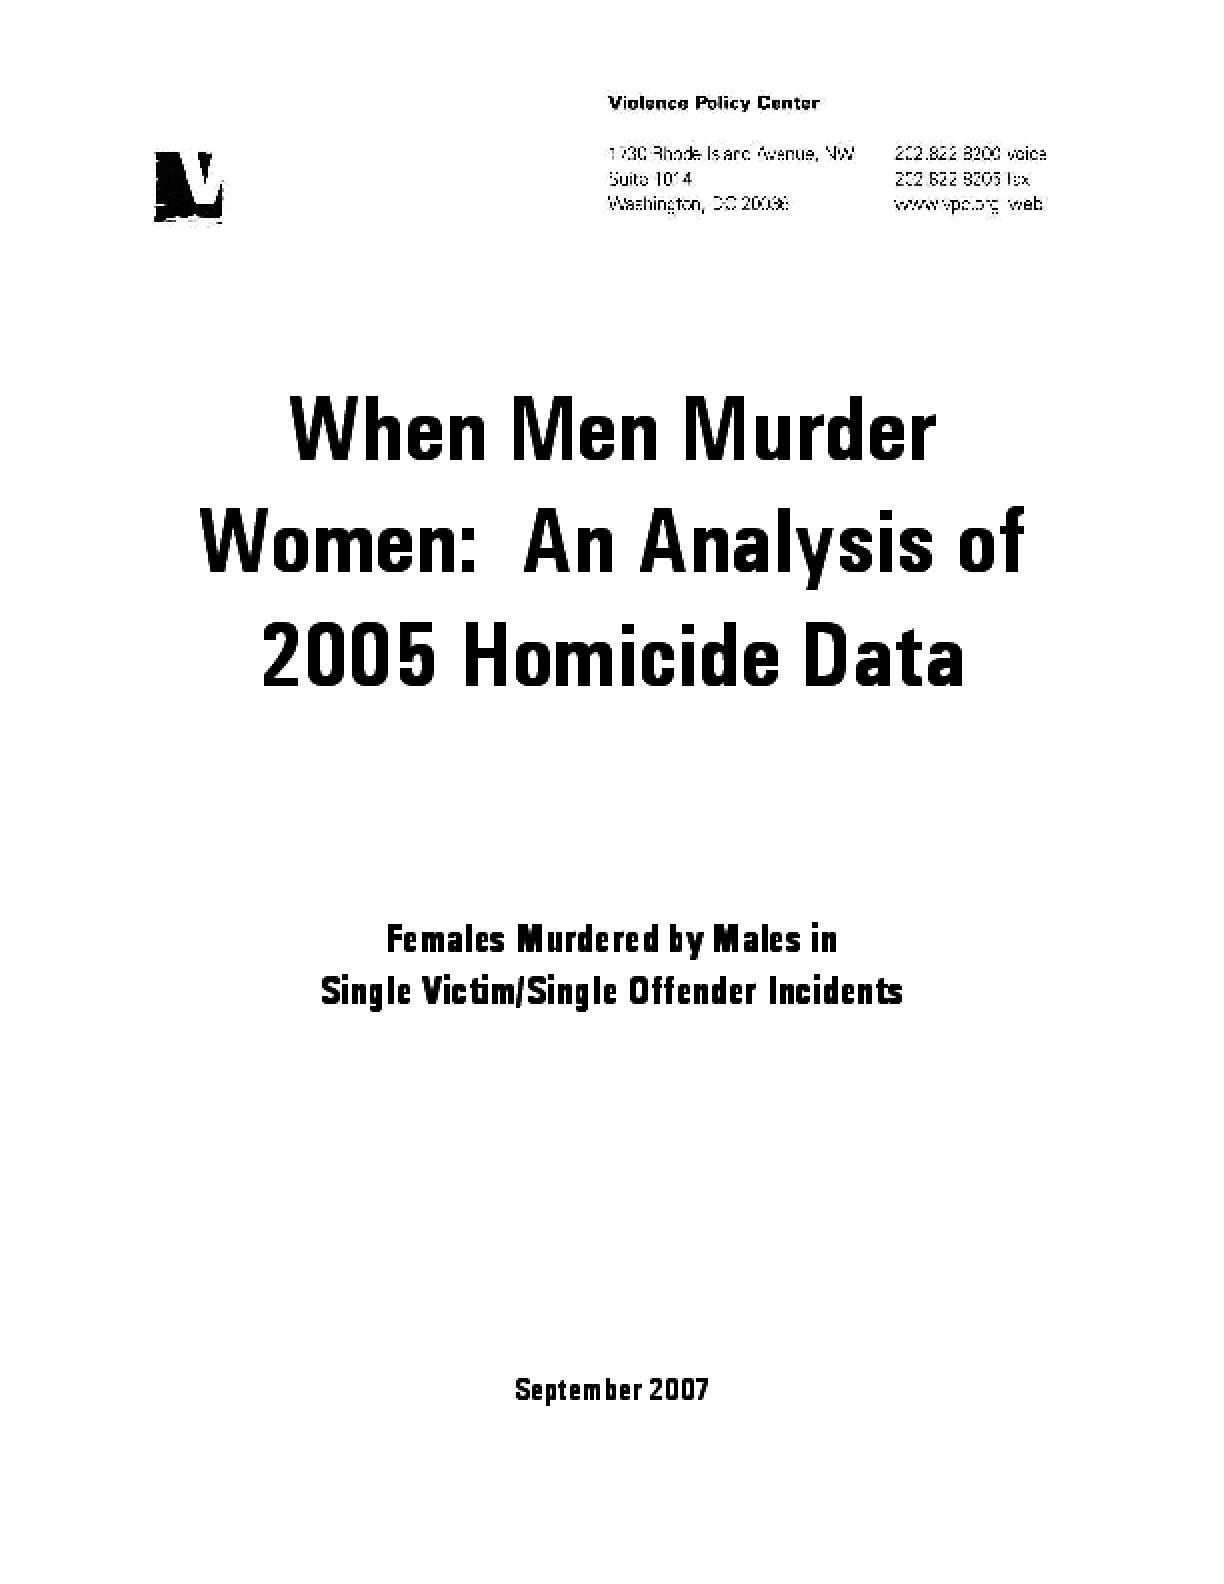 When Men Murder Women: An Analysis of 2005 Homicide Data